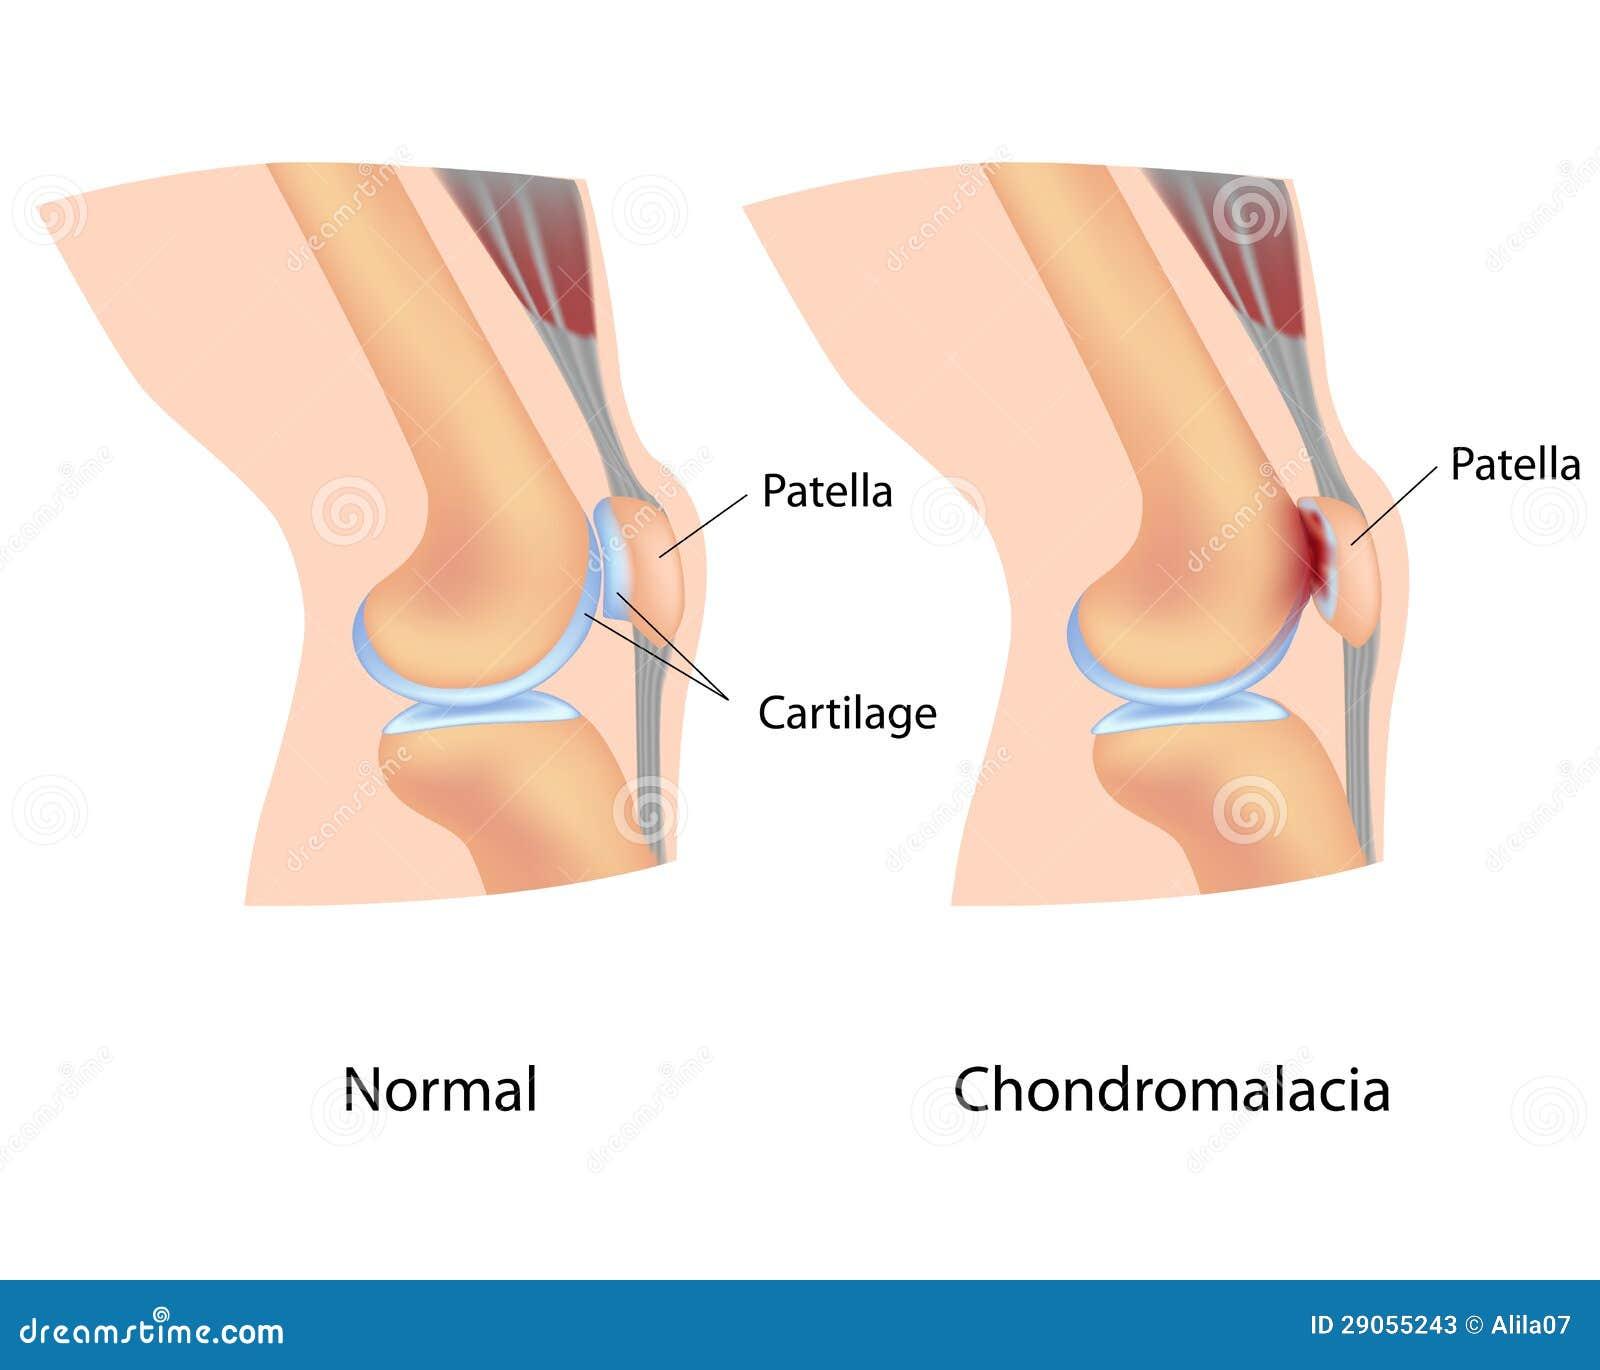 chondromalacia stock photos - image: 29055243, Skeleton